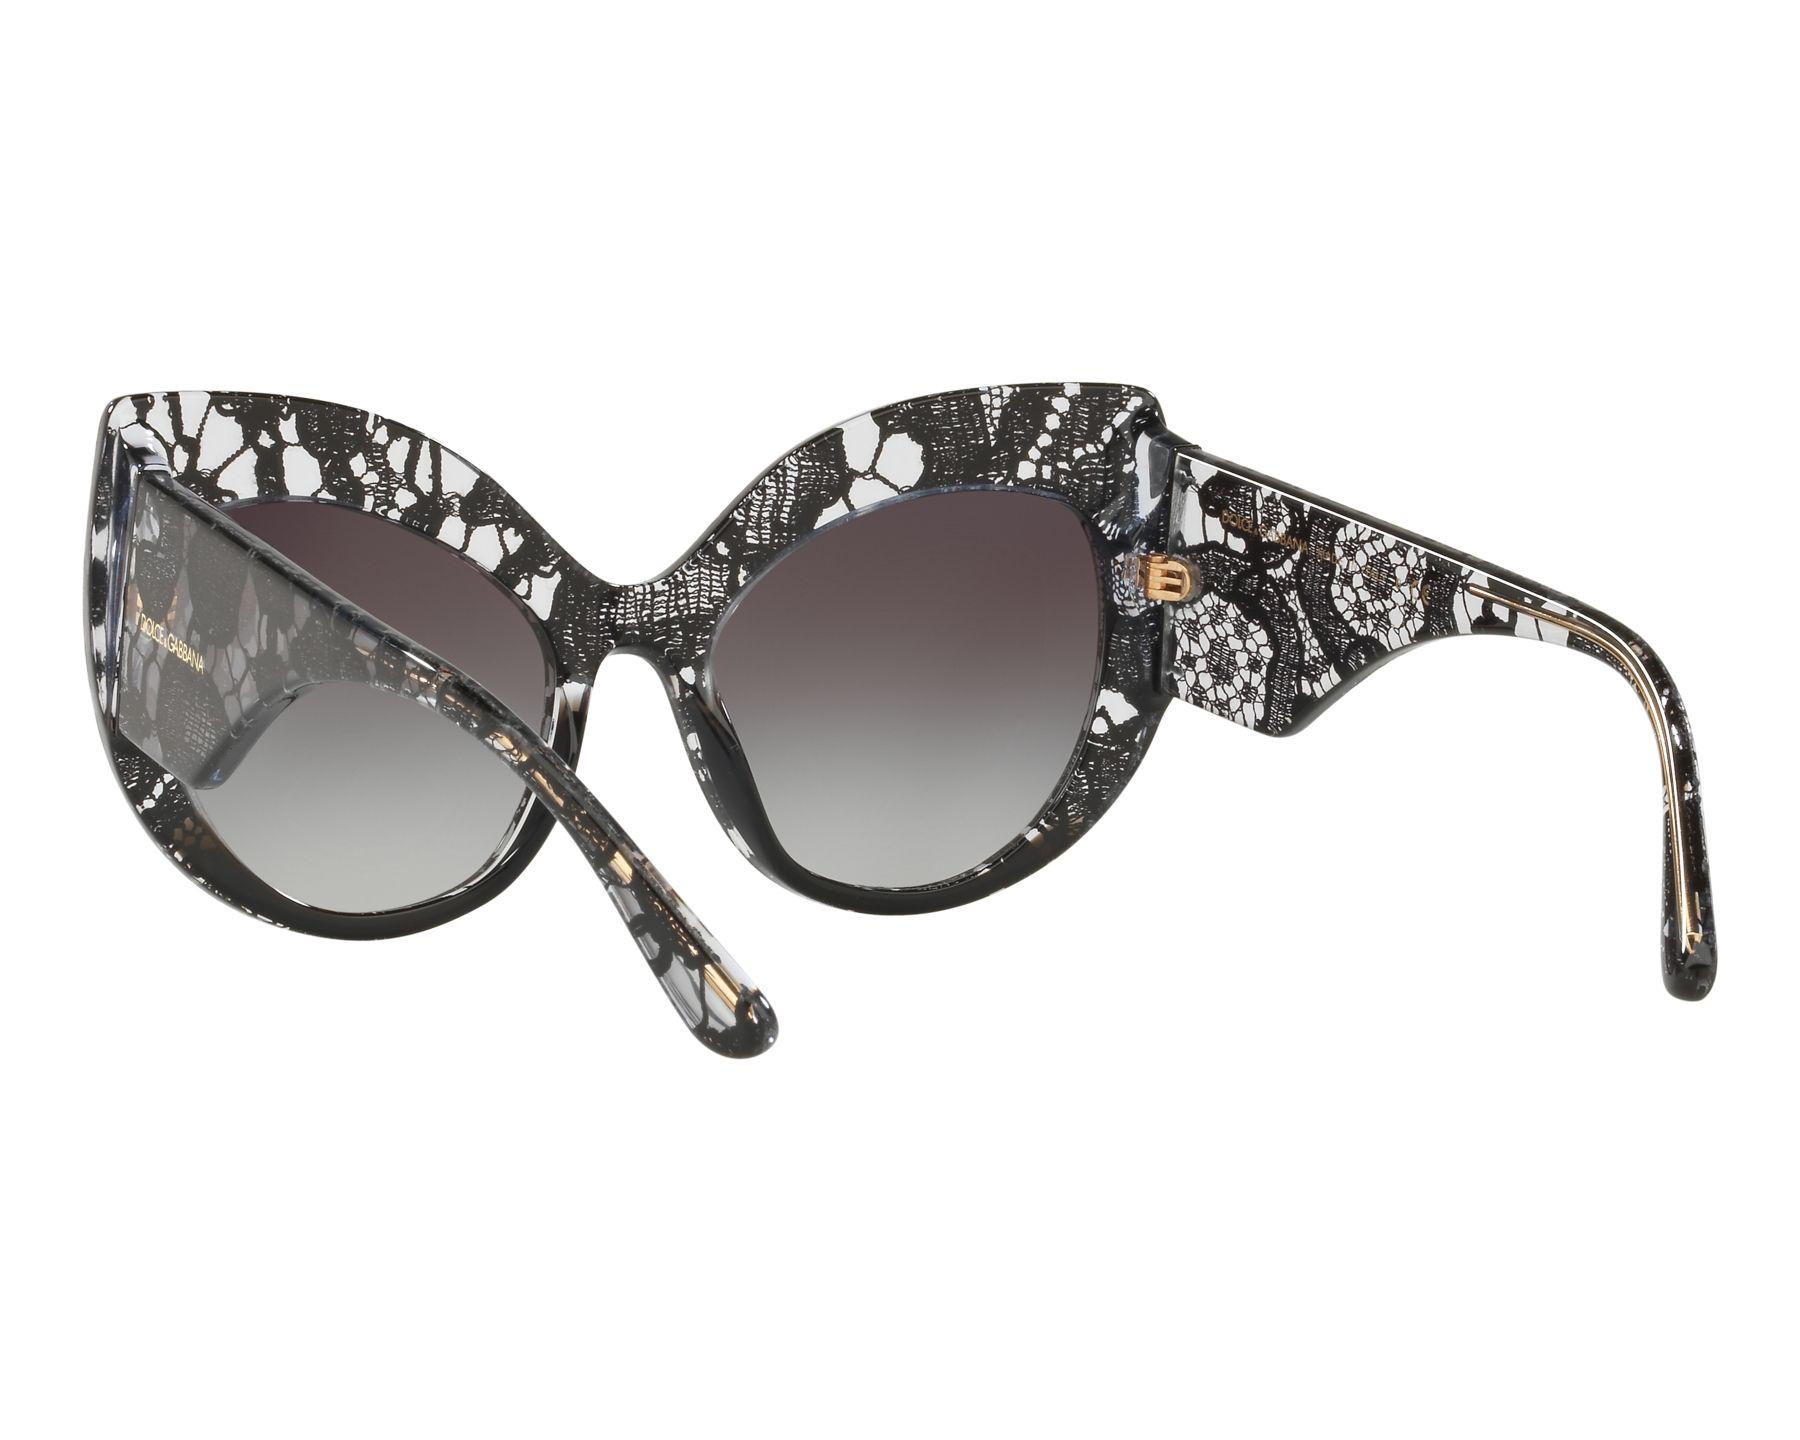 Dolce Gabbana 4321/31528g wFgvzr